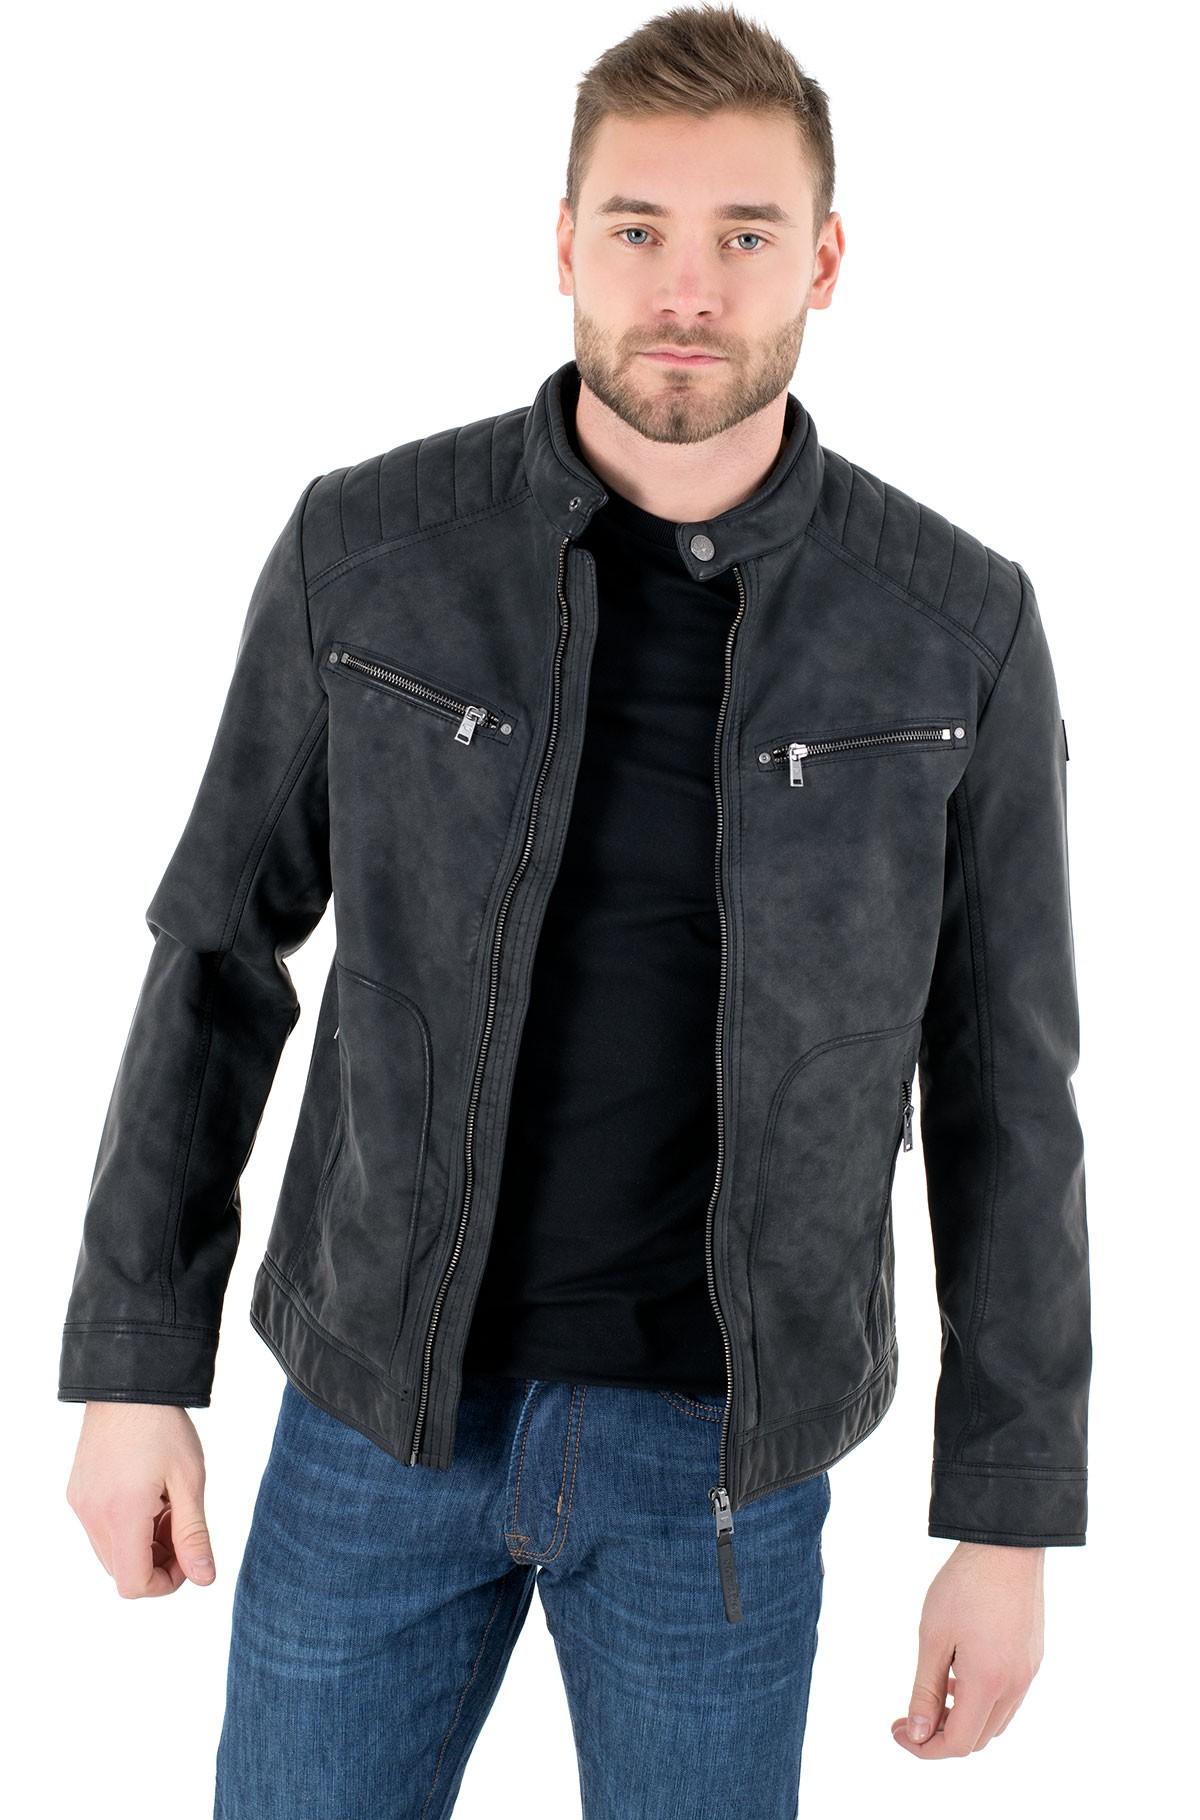 Leather jacket 1024298-full-1